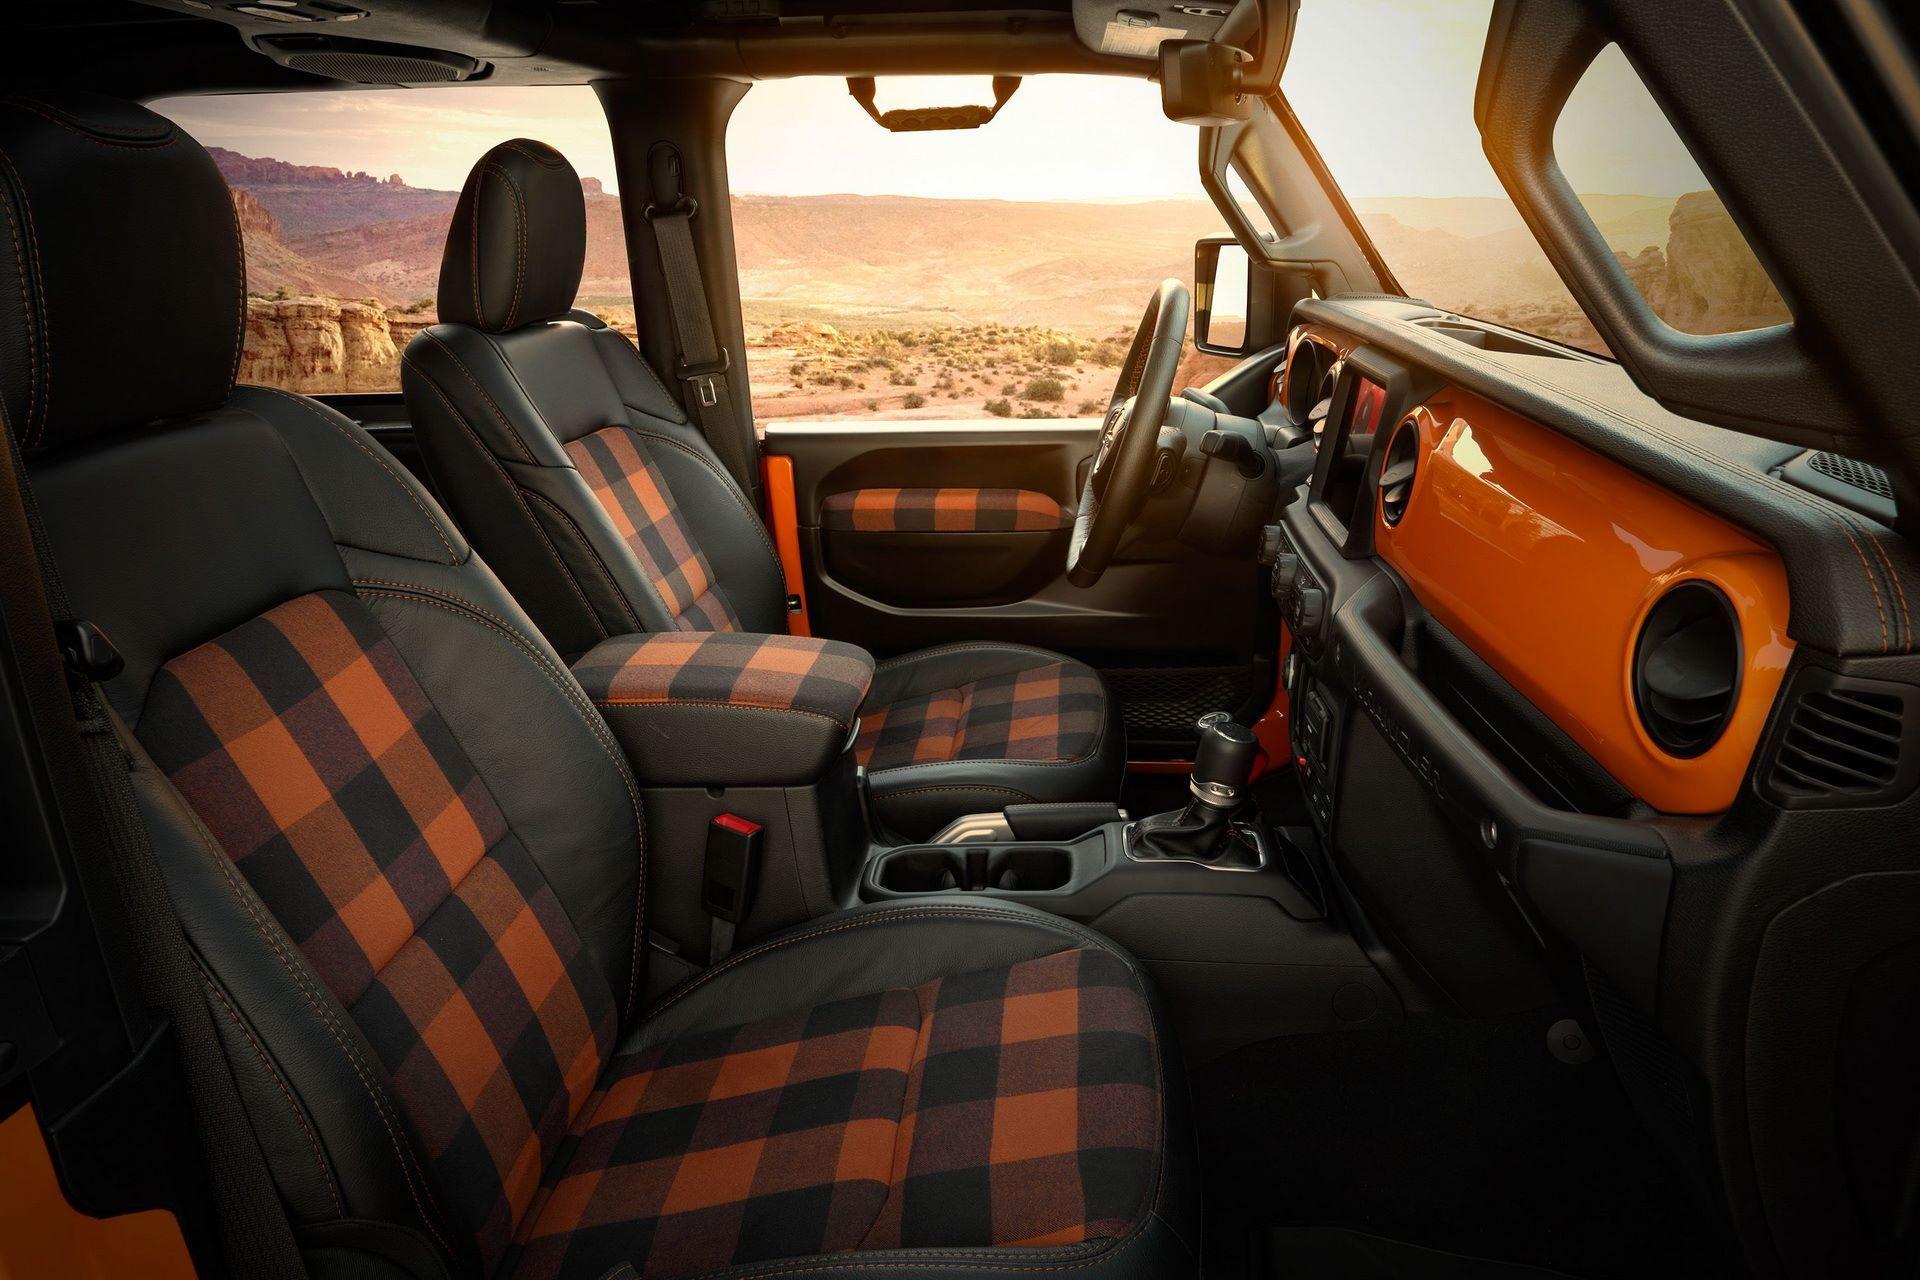 2020-jeep-wrangler-orange-peelz-concept-6